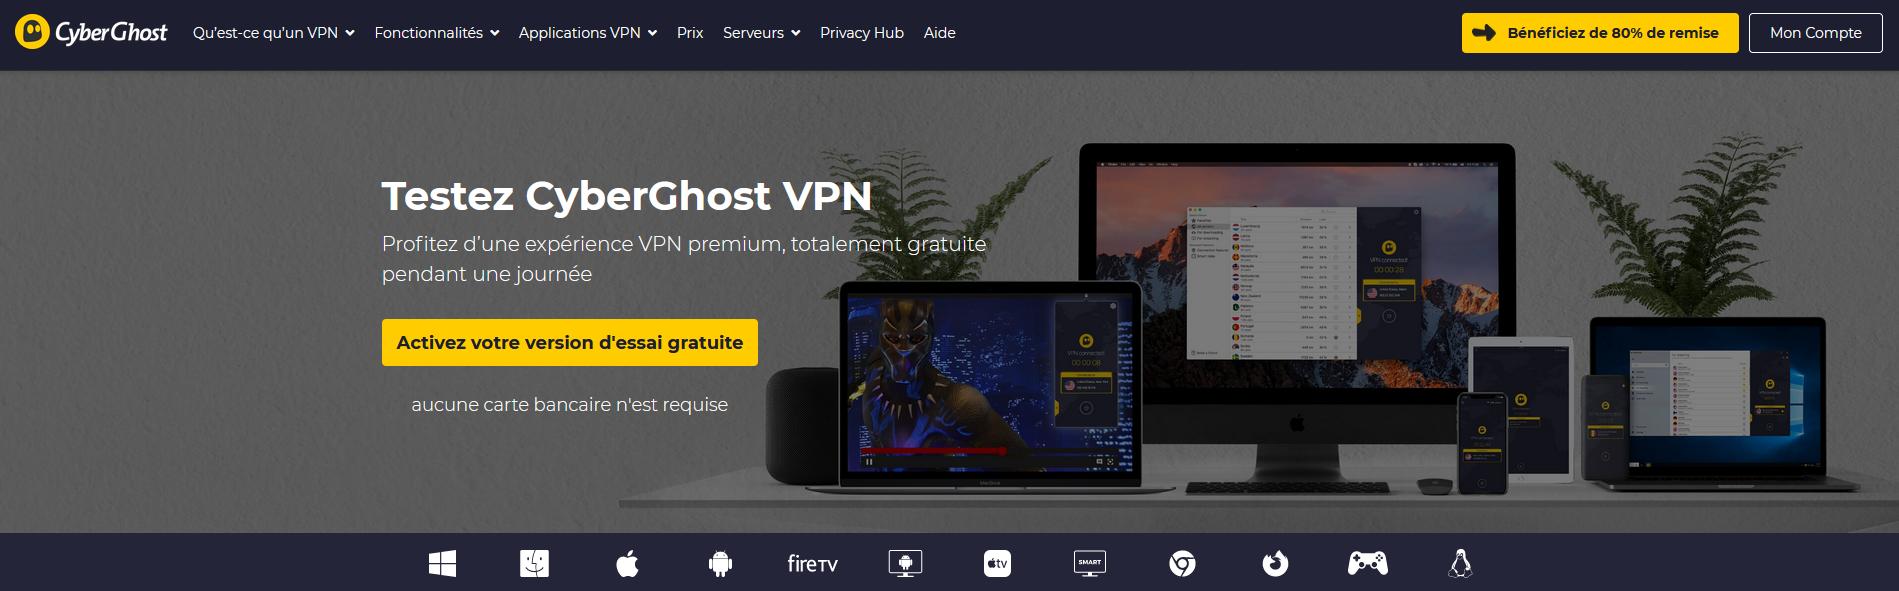 Illustration de la page d'activation de CyberGhost pour un essai gratuit